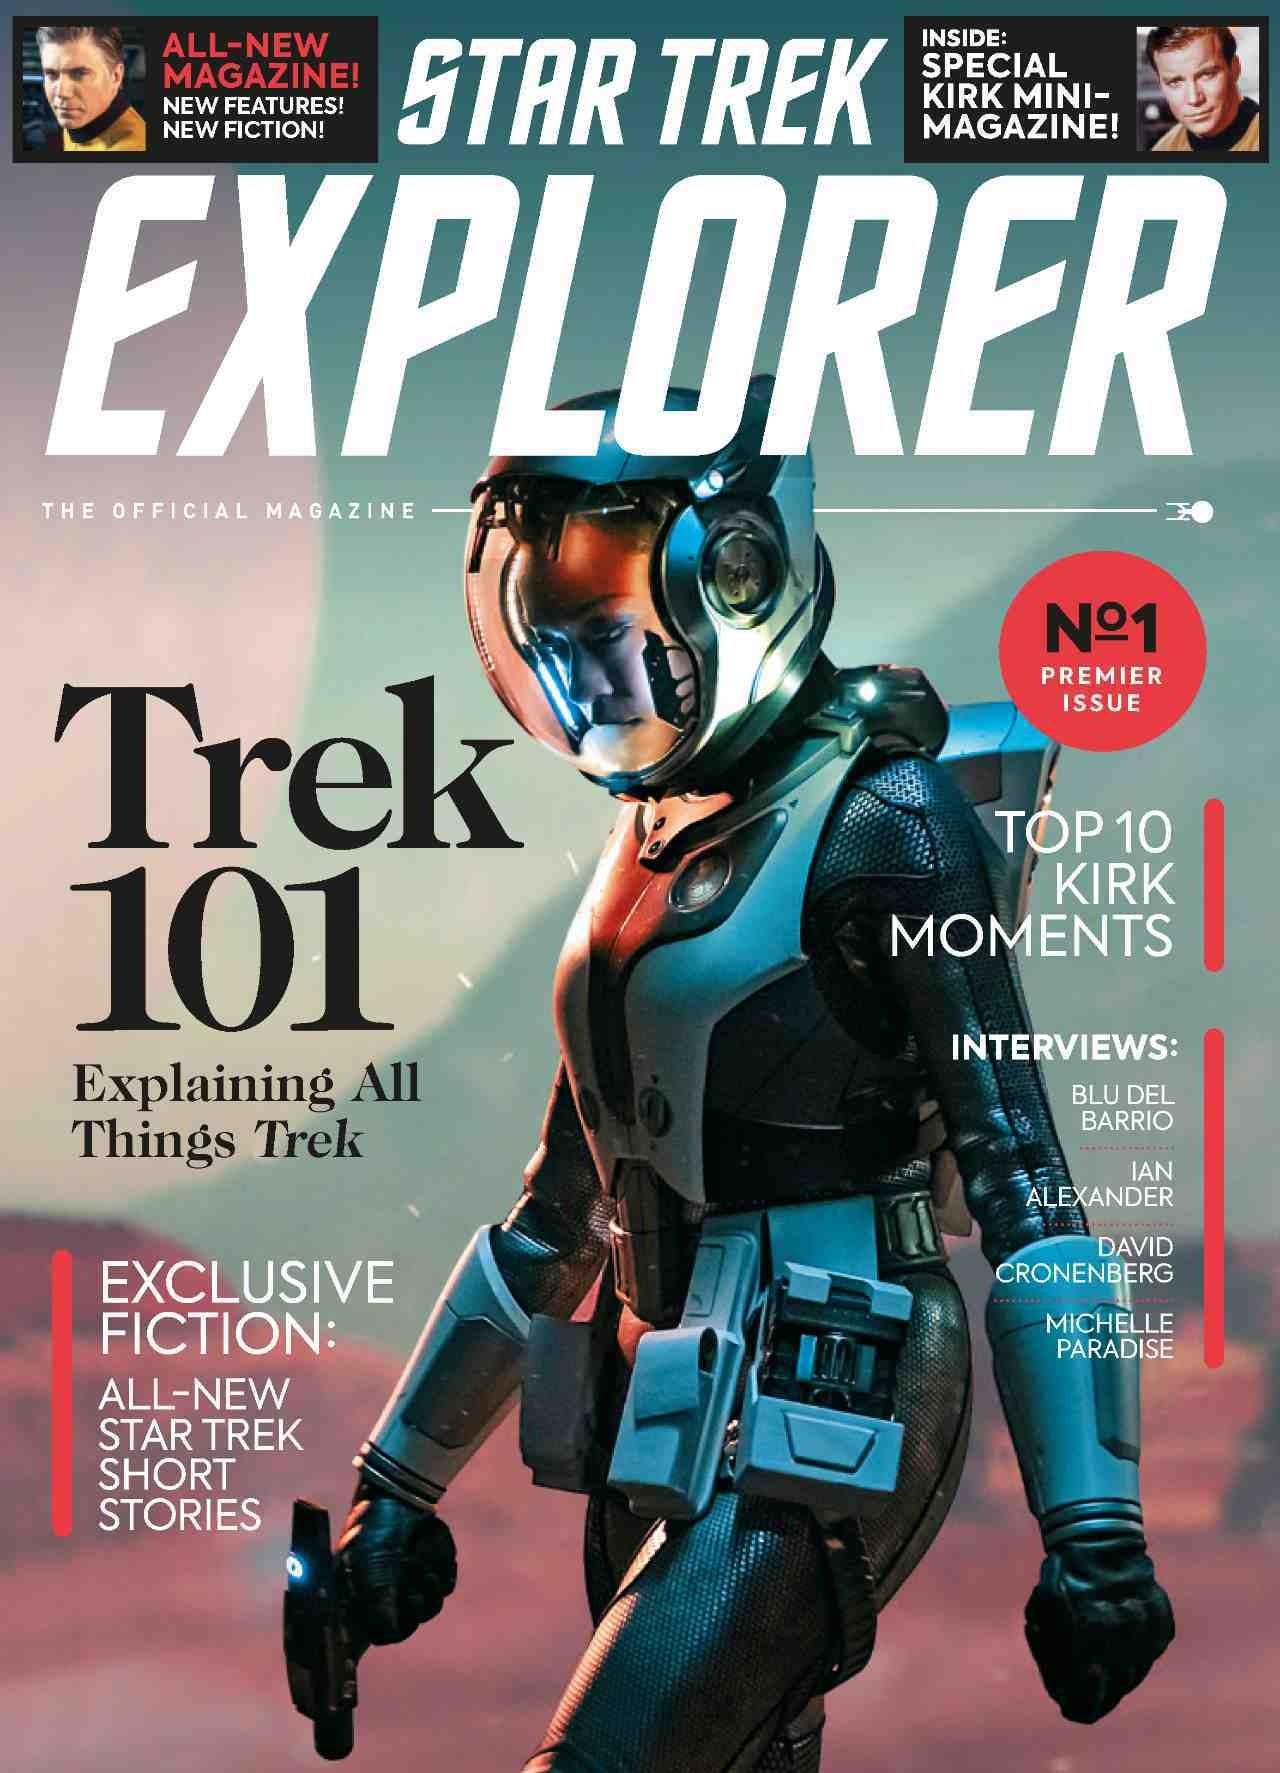 Commander Michael Burnham (Sonequa Martin-Green) from Star Trek: Discovery, on the cover of Star Trek Explorer magazine